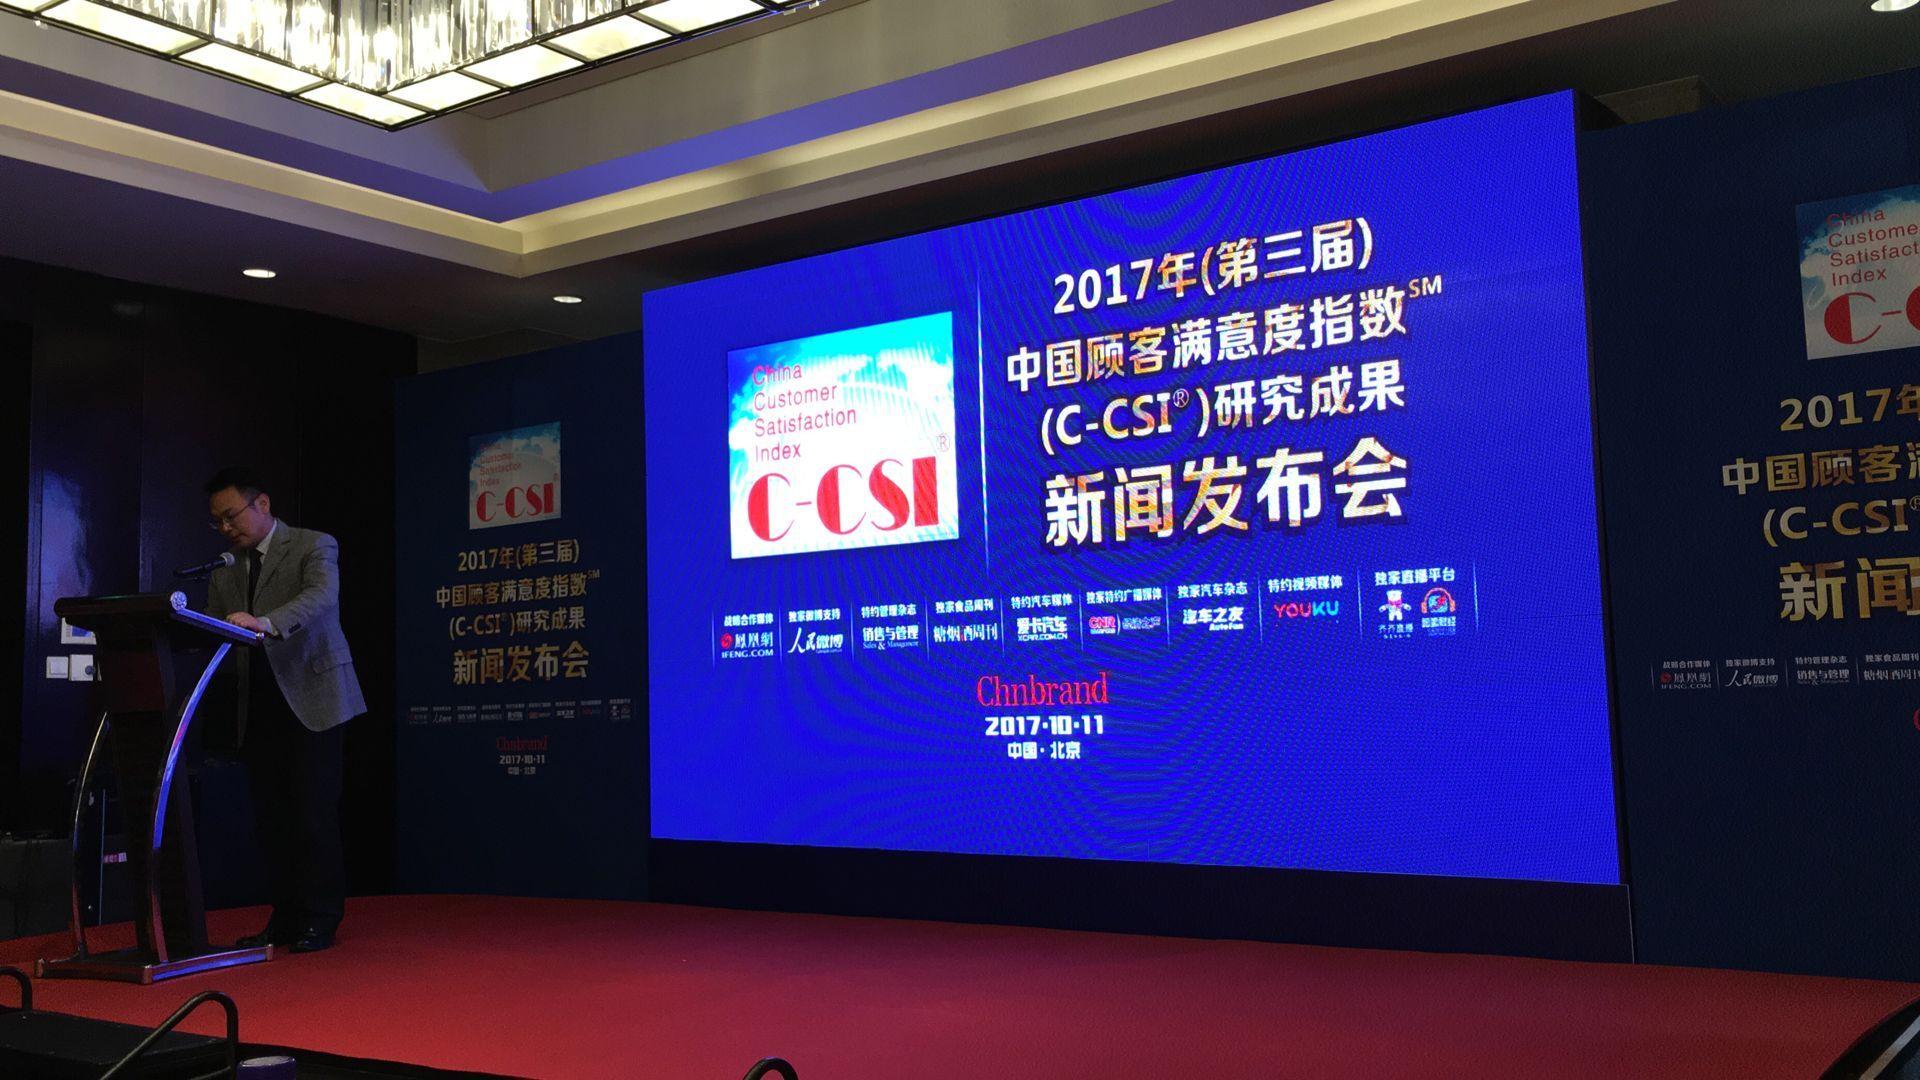 2017年中国顾客满意度指数揭晓  微波炉格兰仕第一